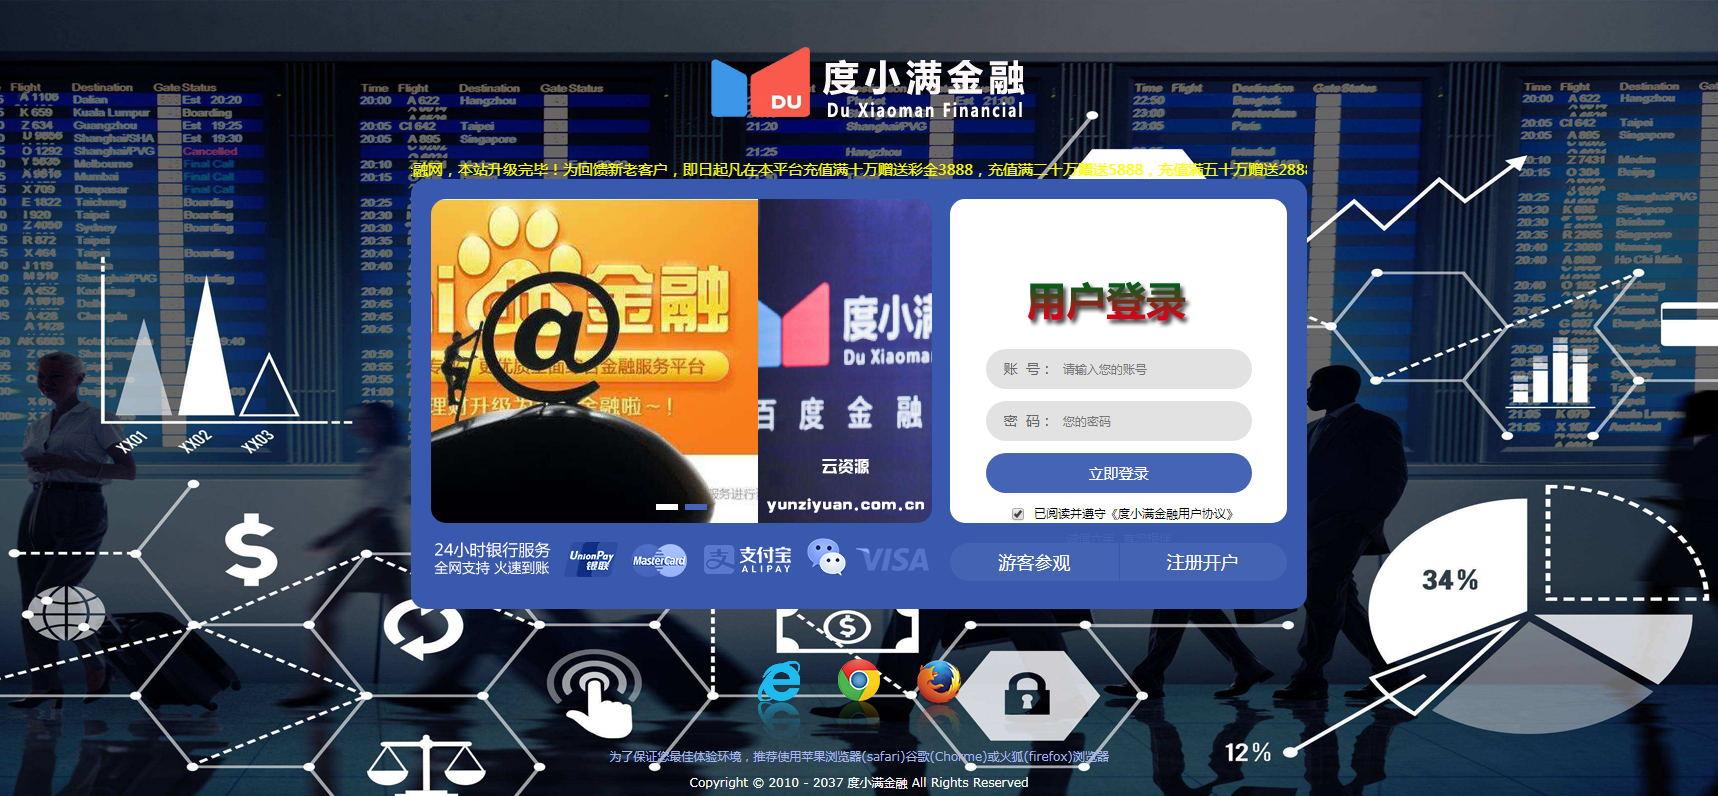 【度小满金融UI】四月首发最新版仿度小满金融源码美化版-找主题源码